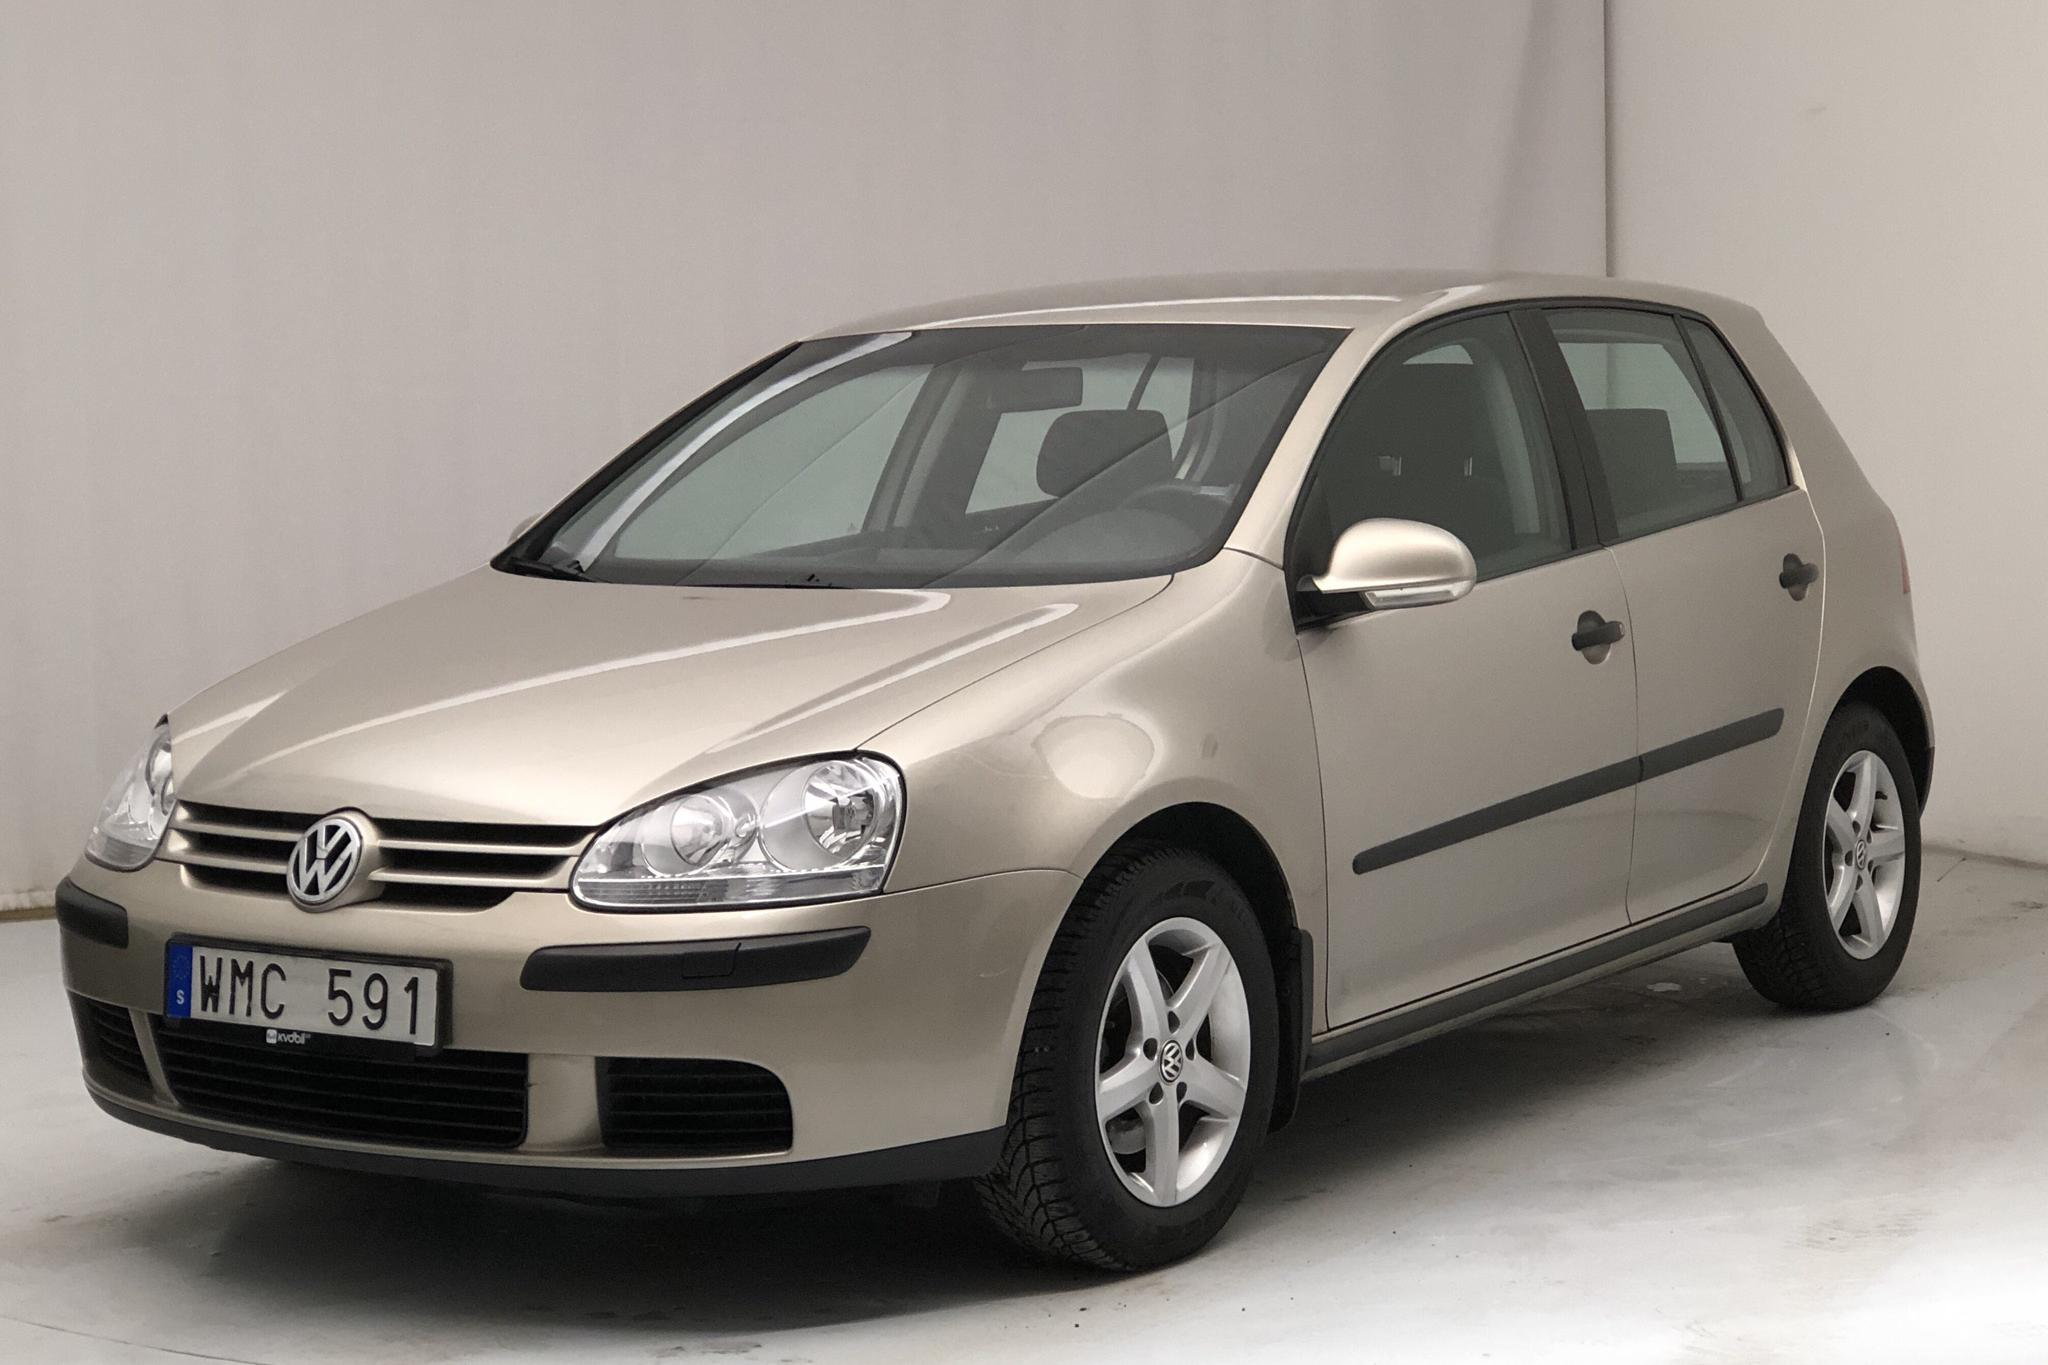 VW Golf A5 1.6 5dr (102hk) - 9 226 mil - Manuell - Light Brown - 2005